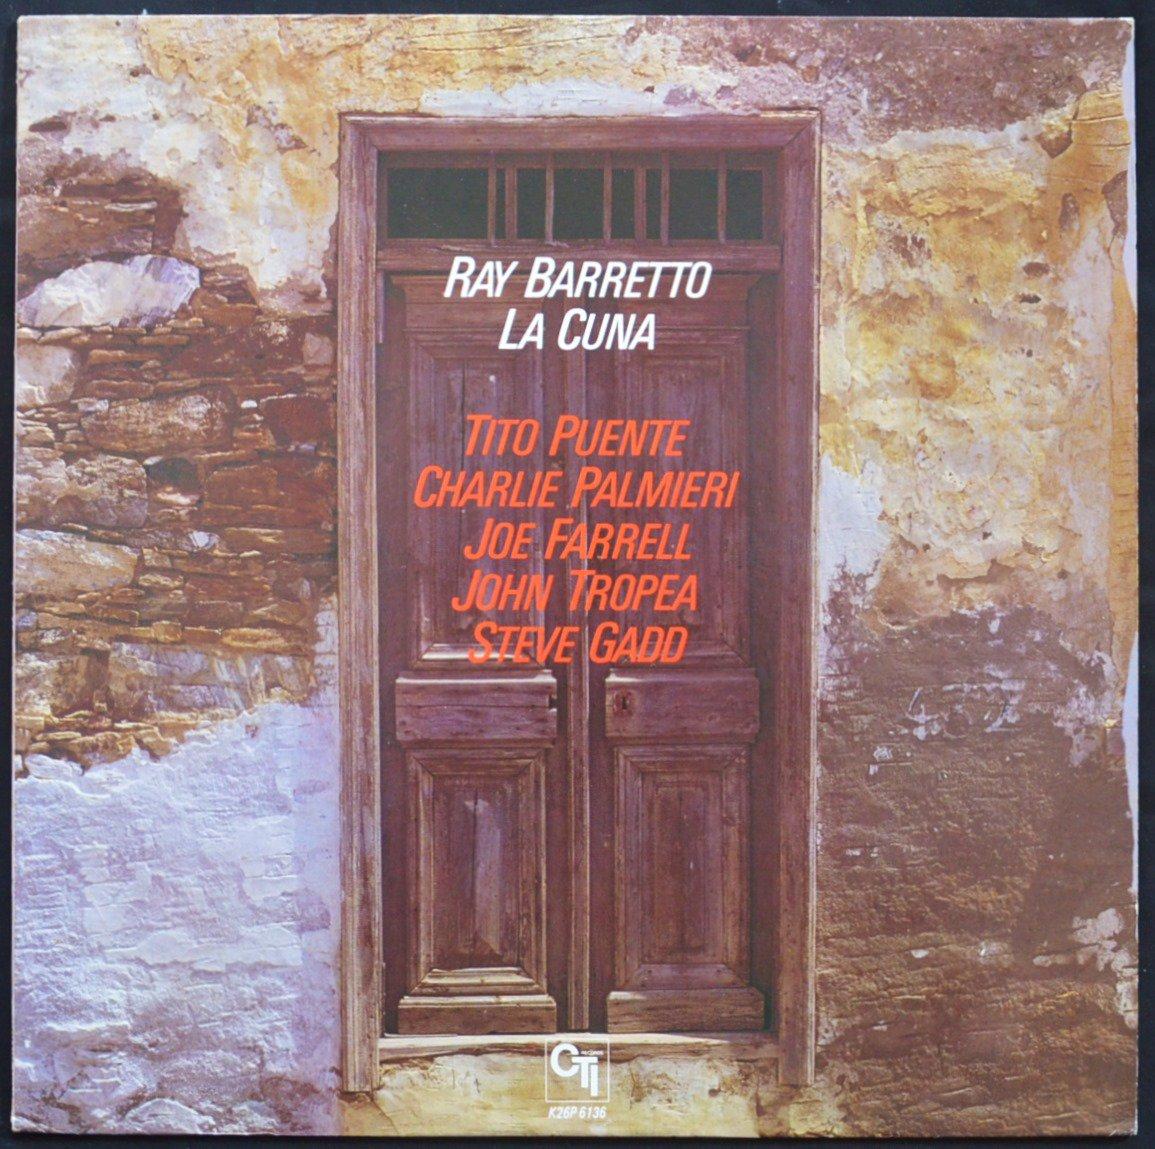 レイ・バレット RAY BARRETTO / ラ・クーナ LA CUNA (LP)